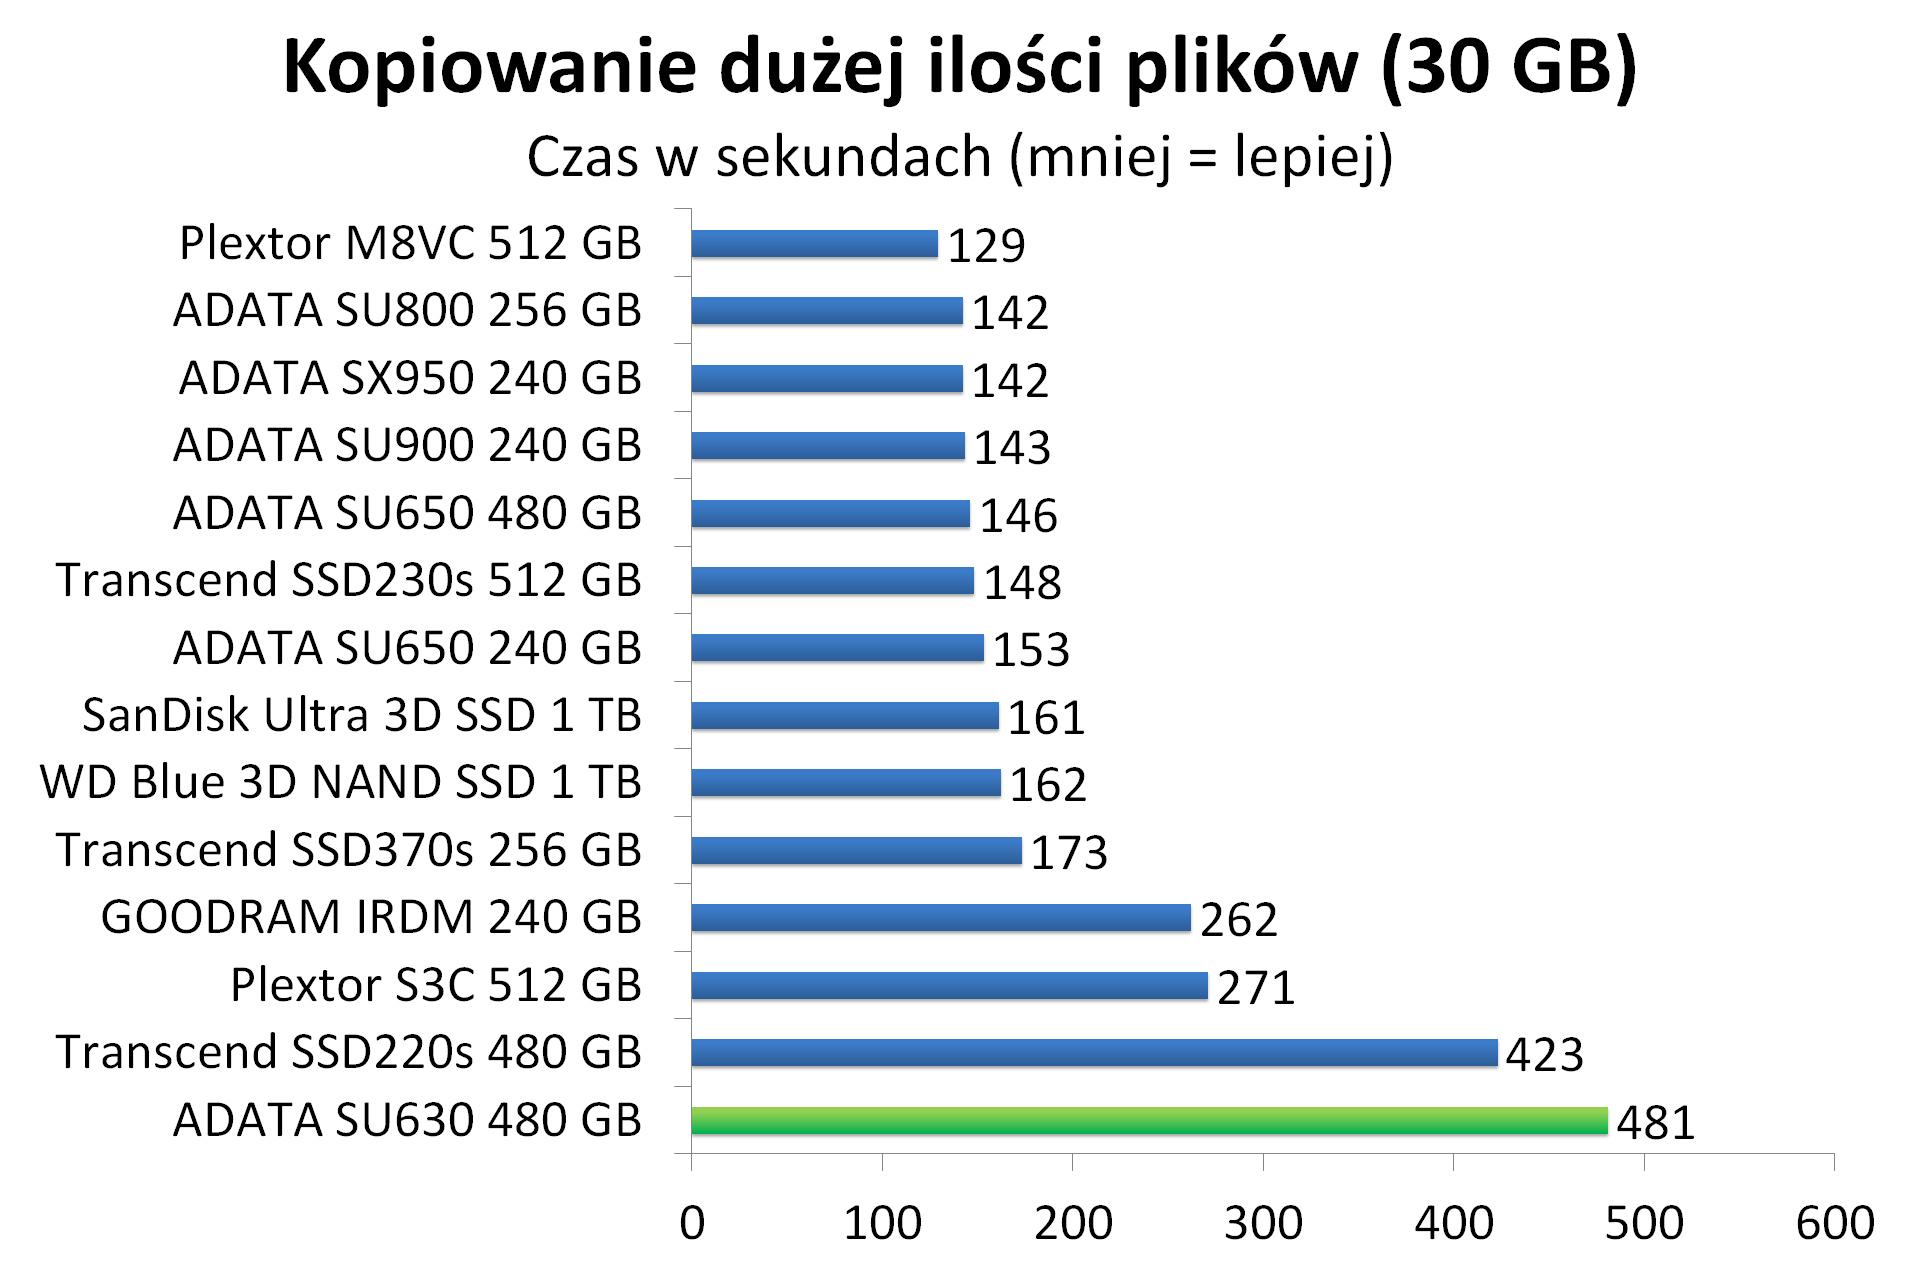 ADATA SU630 480 GB - Czas kopiowania dużej ilości plików (30 GB)